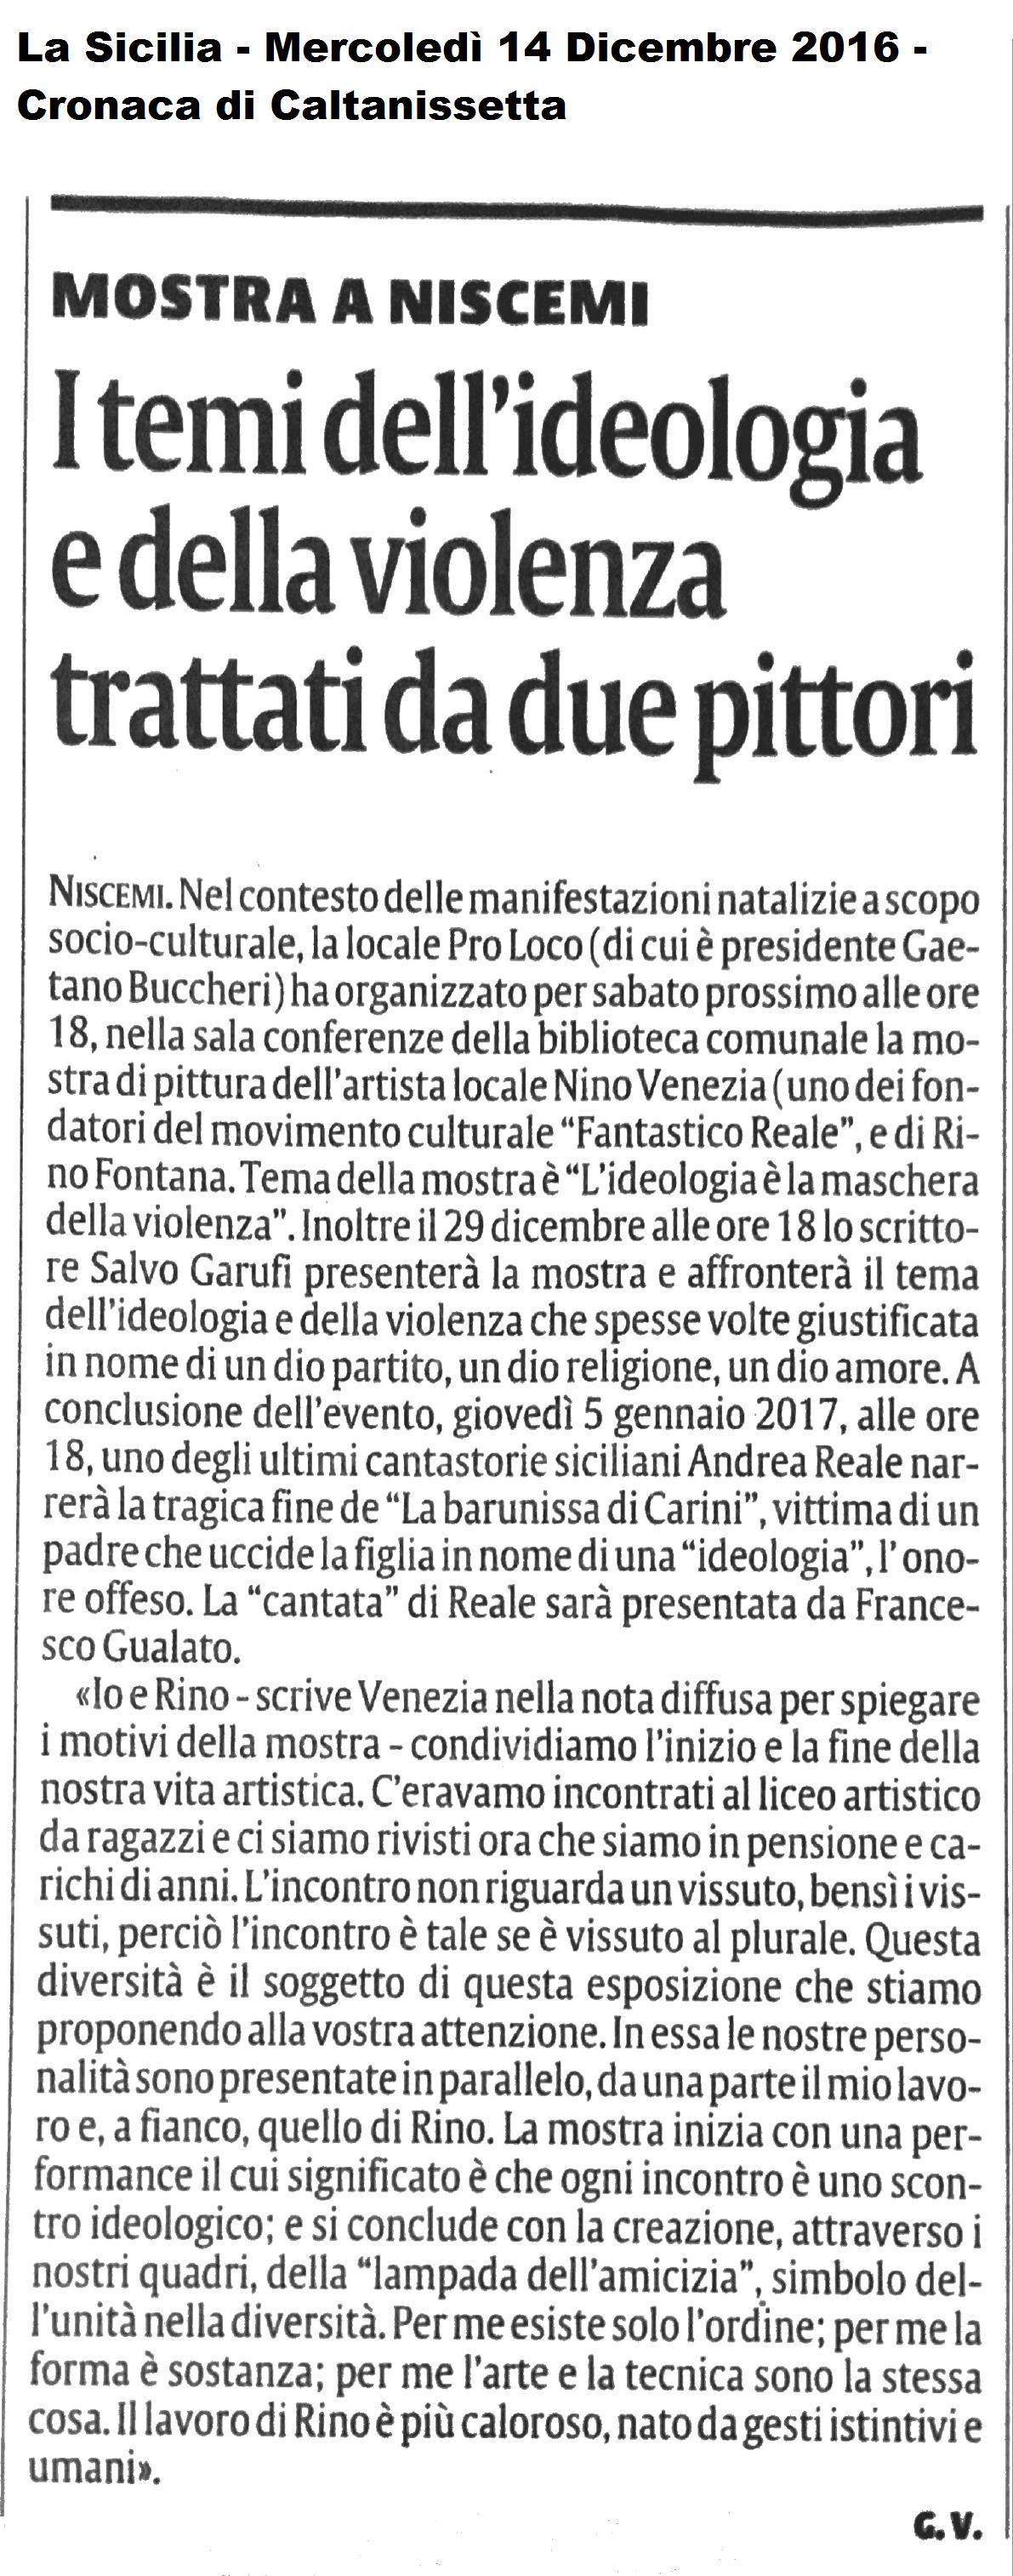 pro_loco_2016_mostra_venezia_la_sicilia_14_12_2016